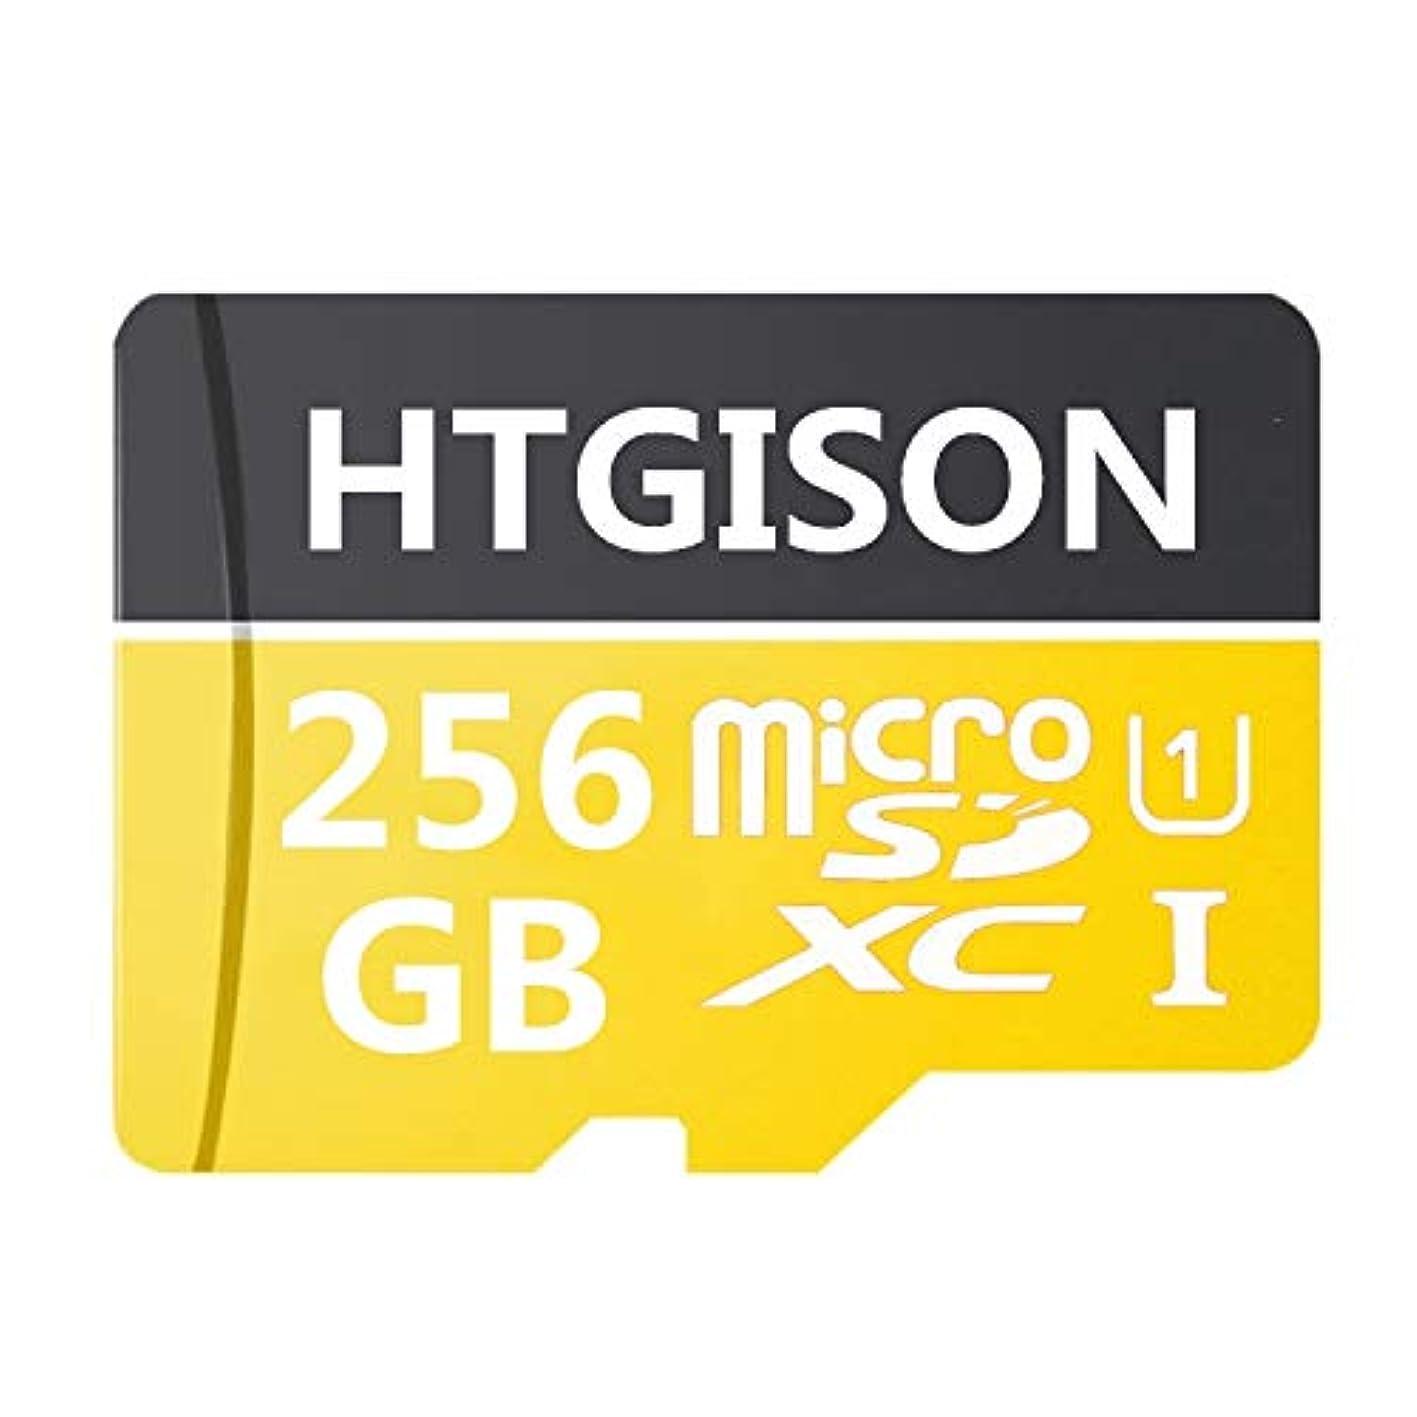 火山電報症状256 GBマイクロSD SDXCメモリカード高速クラス10 with Micro SDアダプタ、Designed for Androidスマートフォン、タブレット、および他の